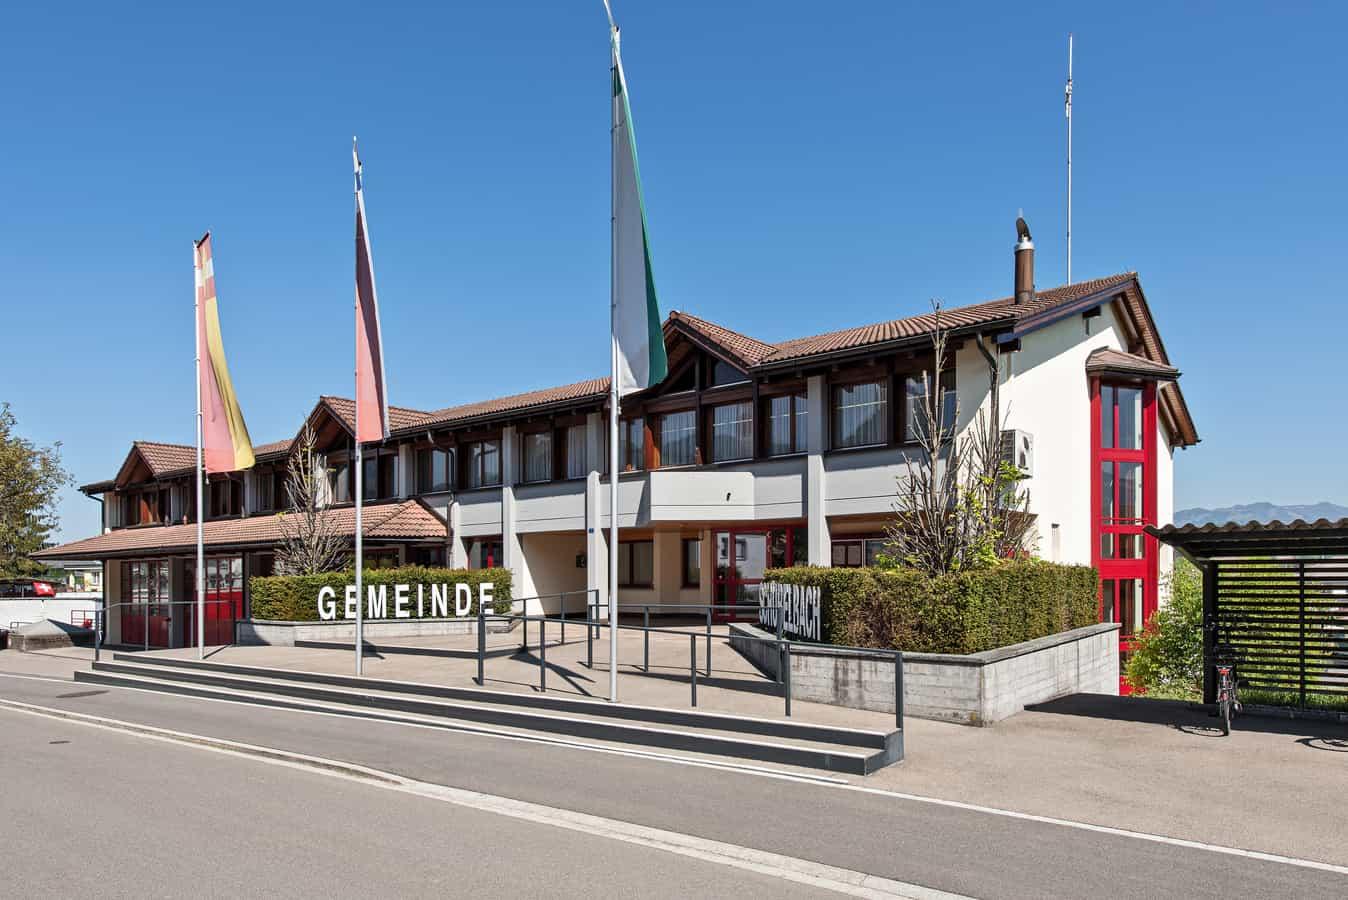 Gemeindehaus Schübelbach